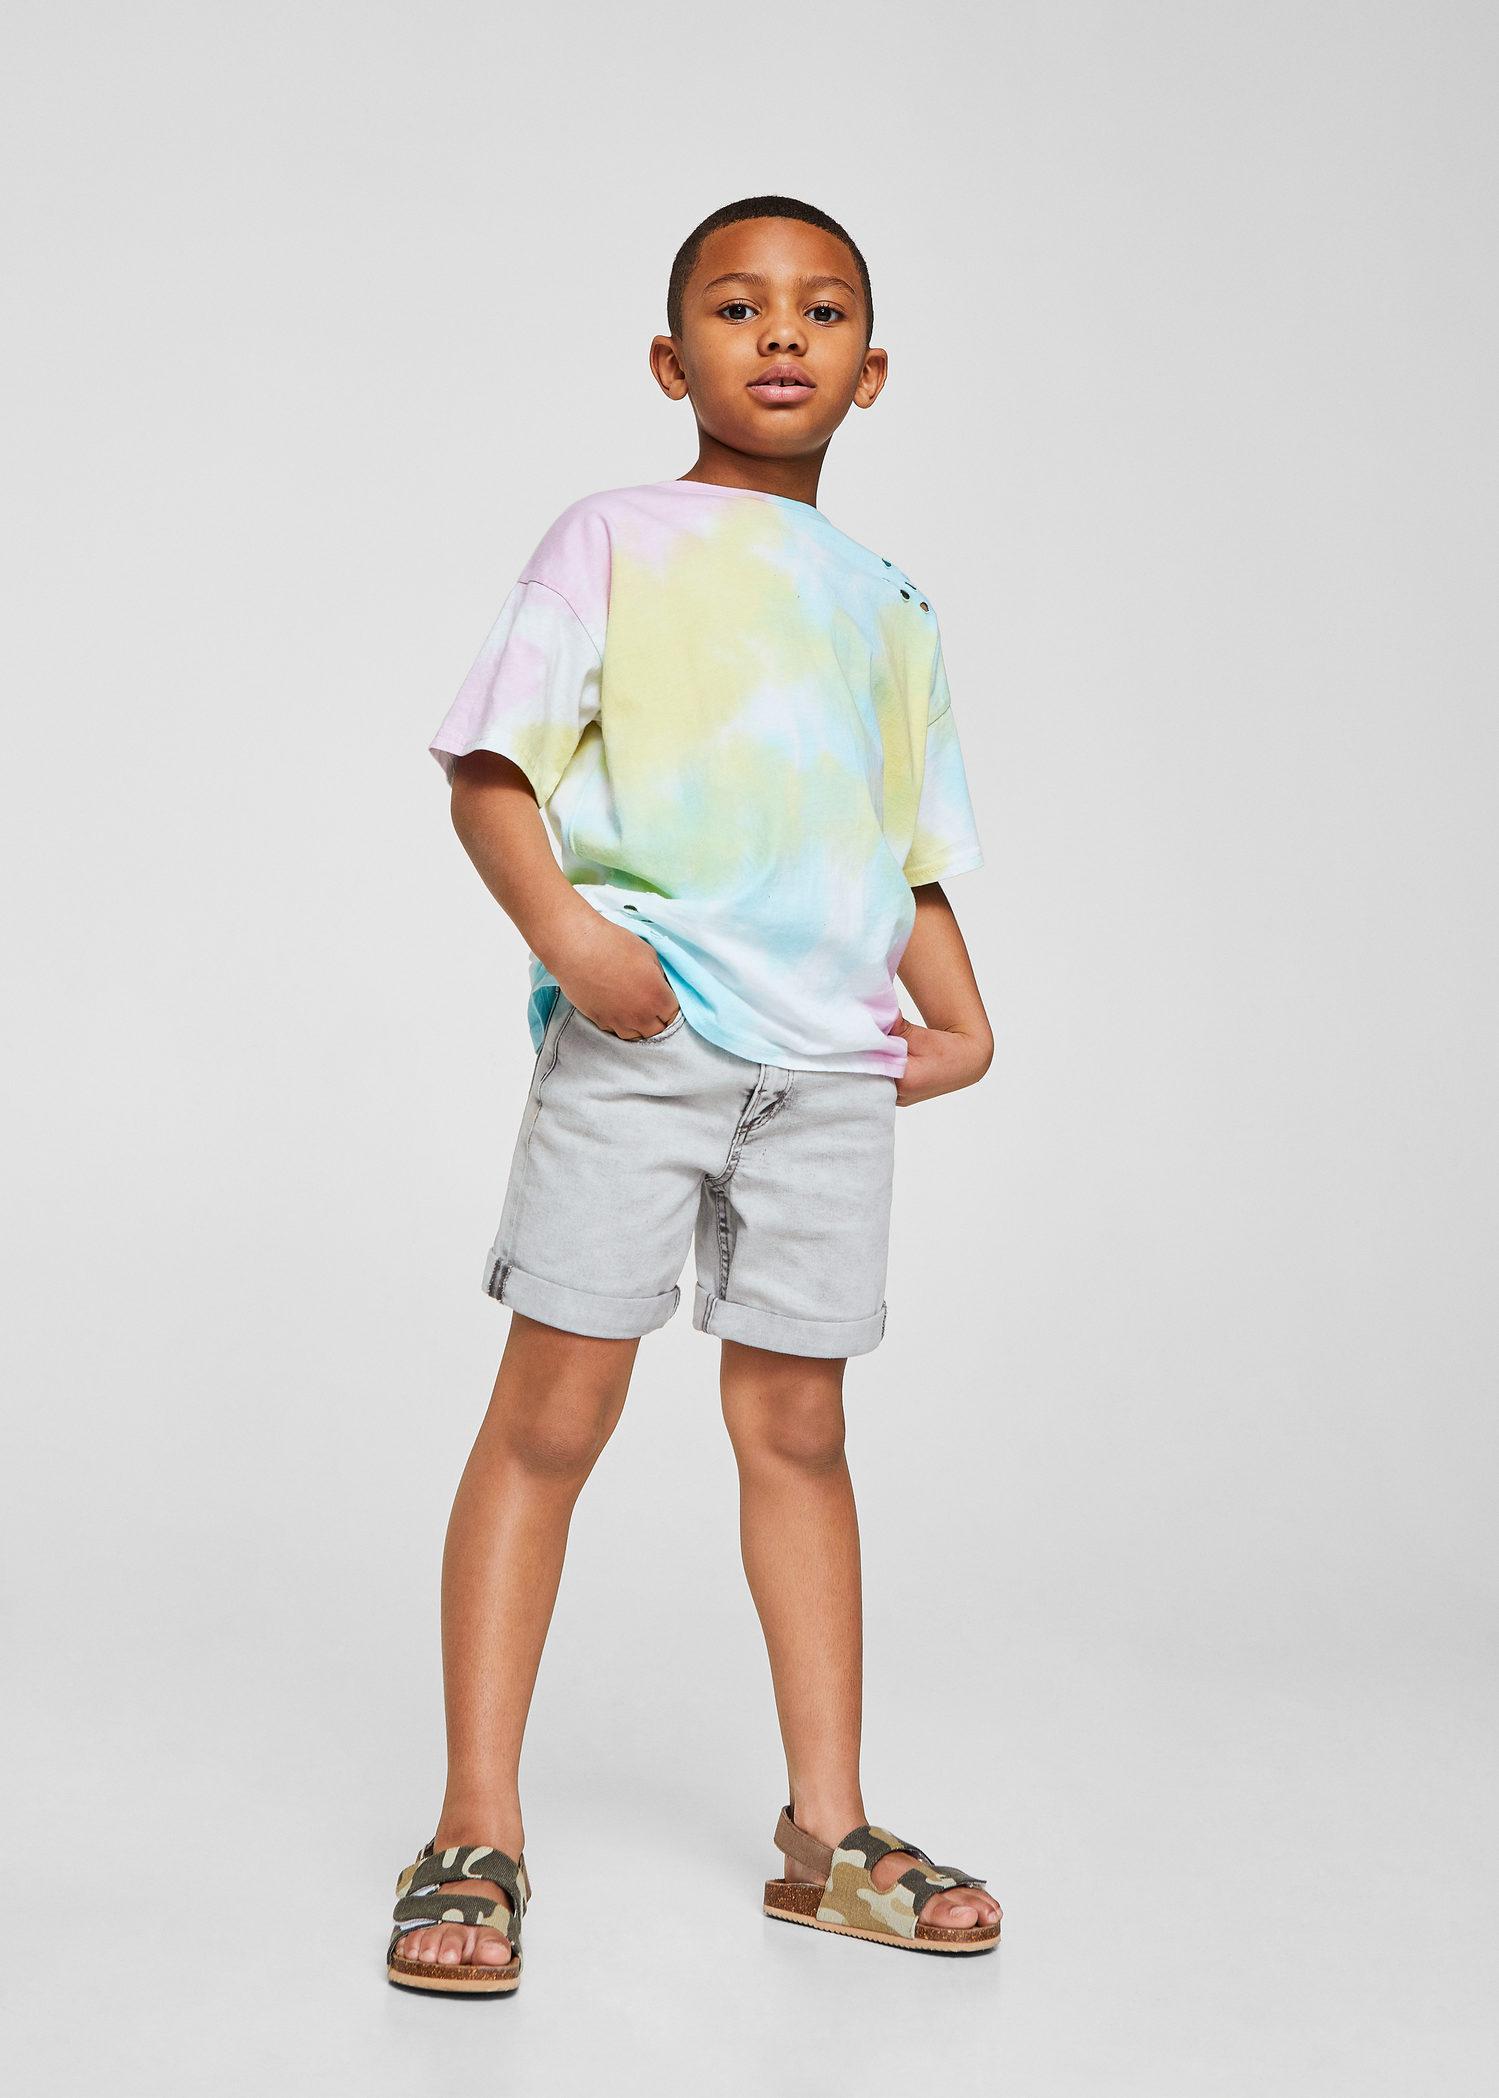 bcbce26af Además de esta tendencia, esta temporada triunfan (y mucho) las camisetas  y/o sudaderas con mensaje, piezas que invitan a los niños a divertirse y a  ...